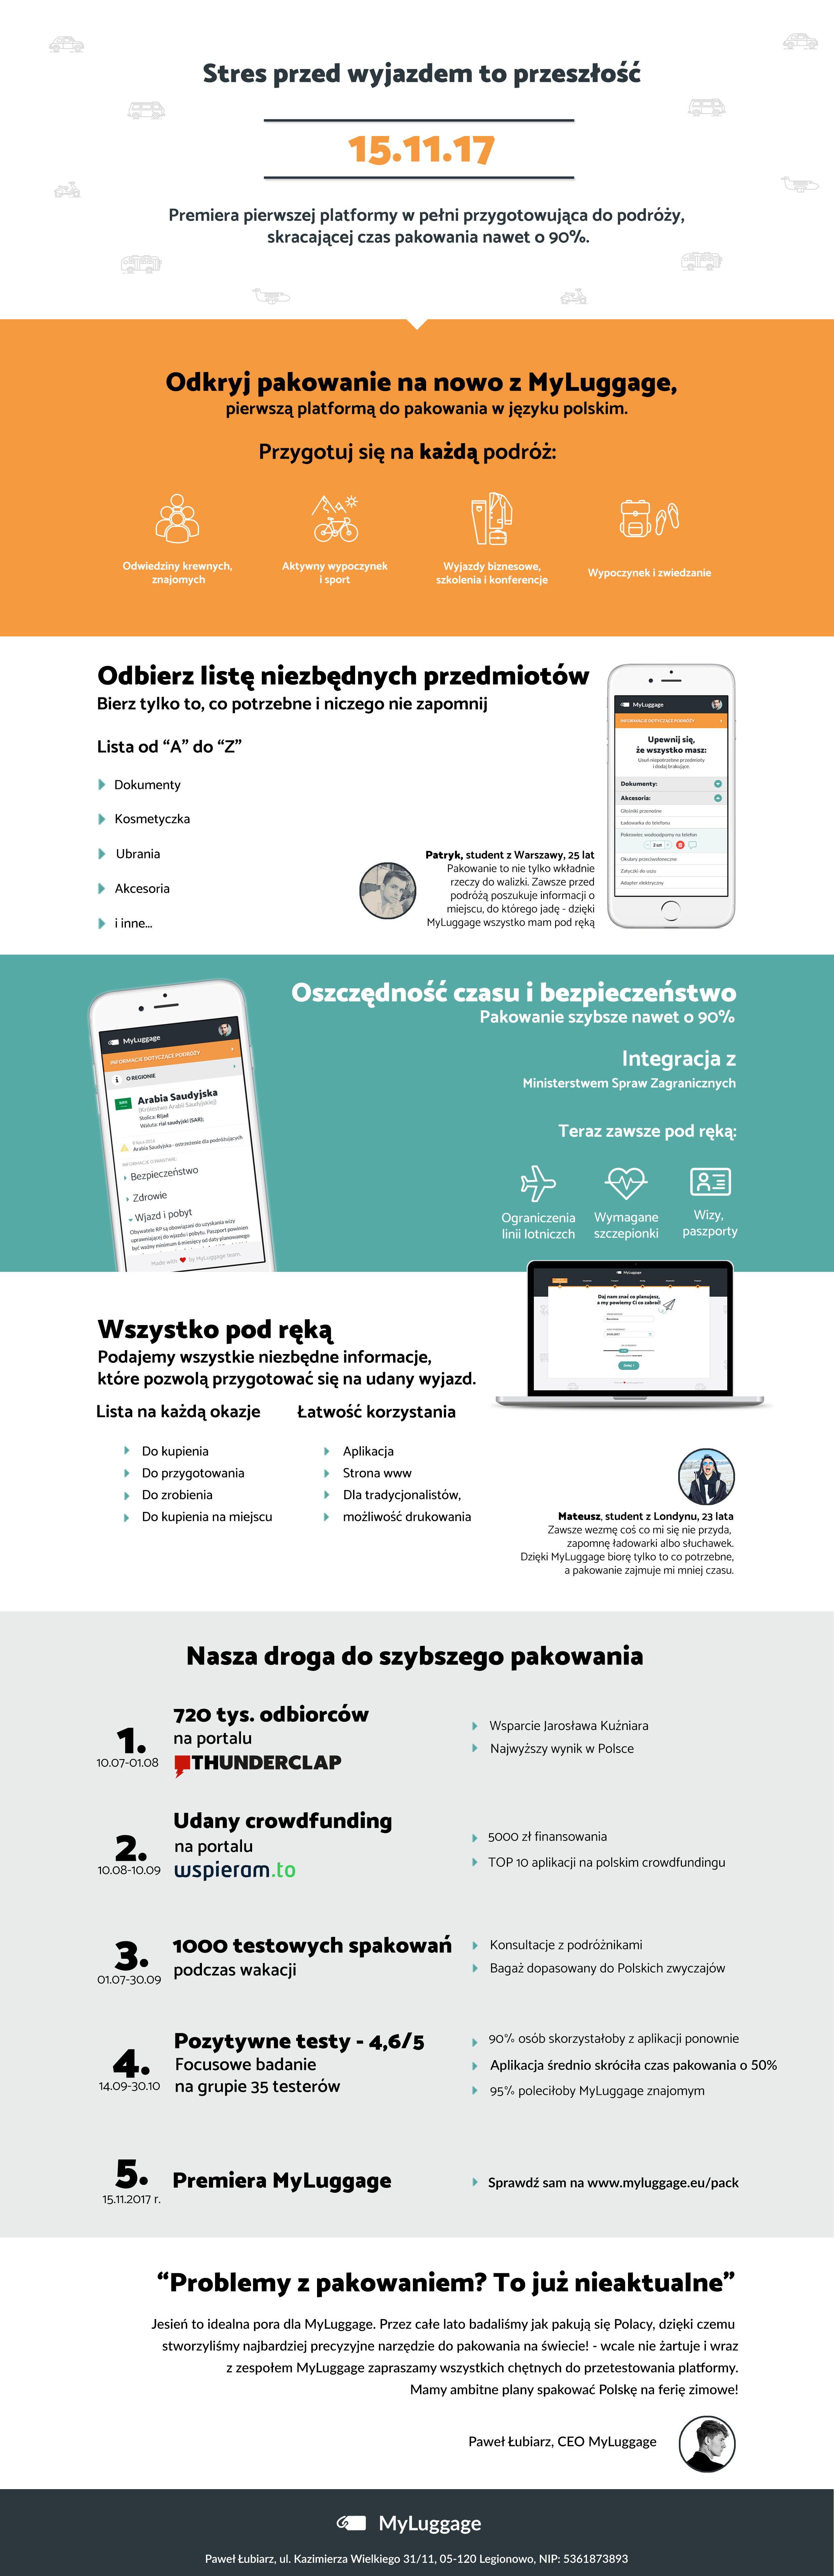 17_11_15_MyLuggage_infografika